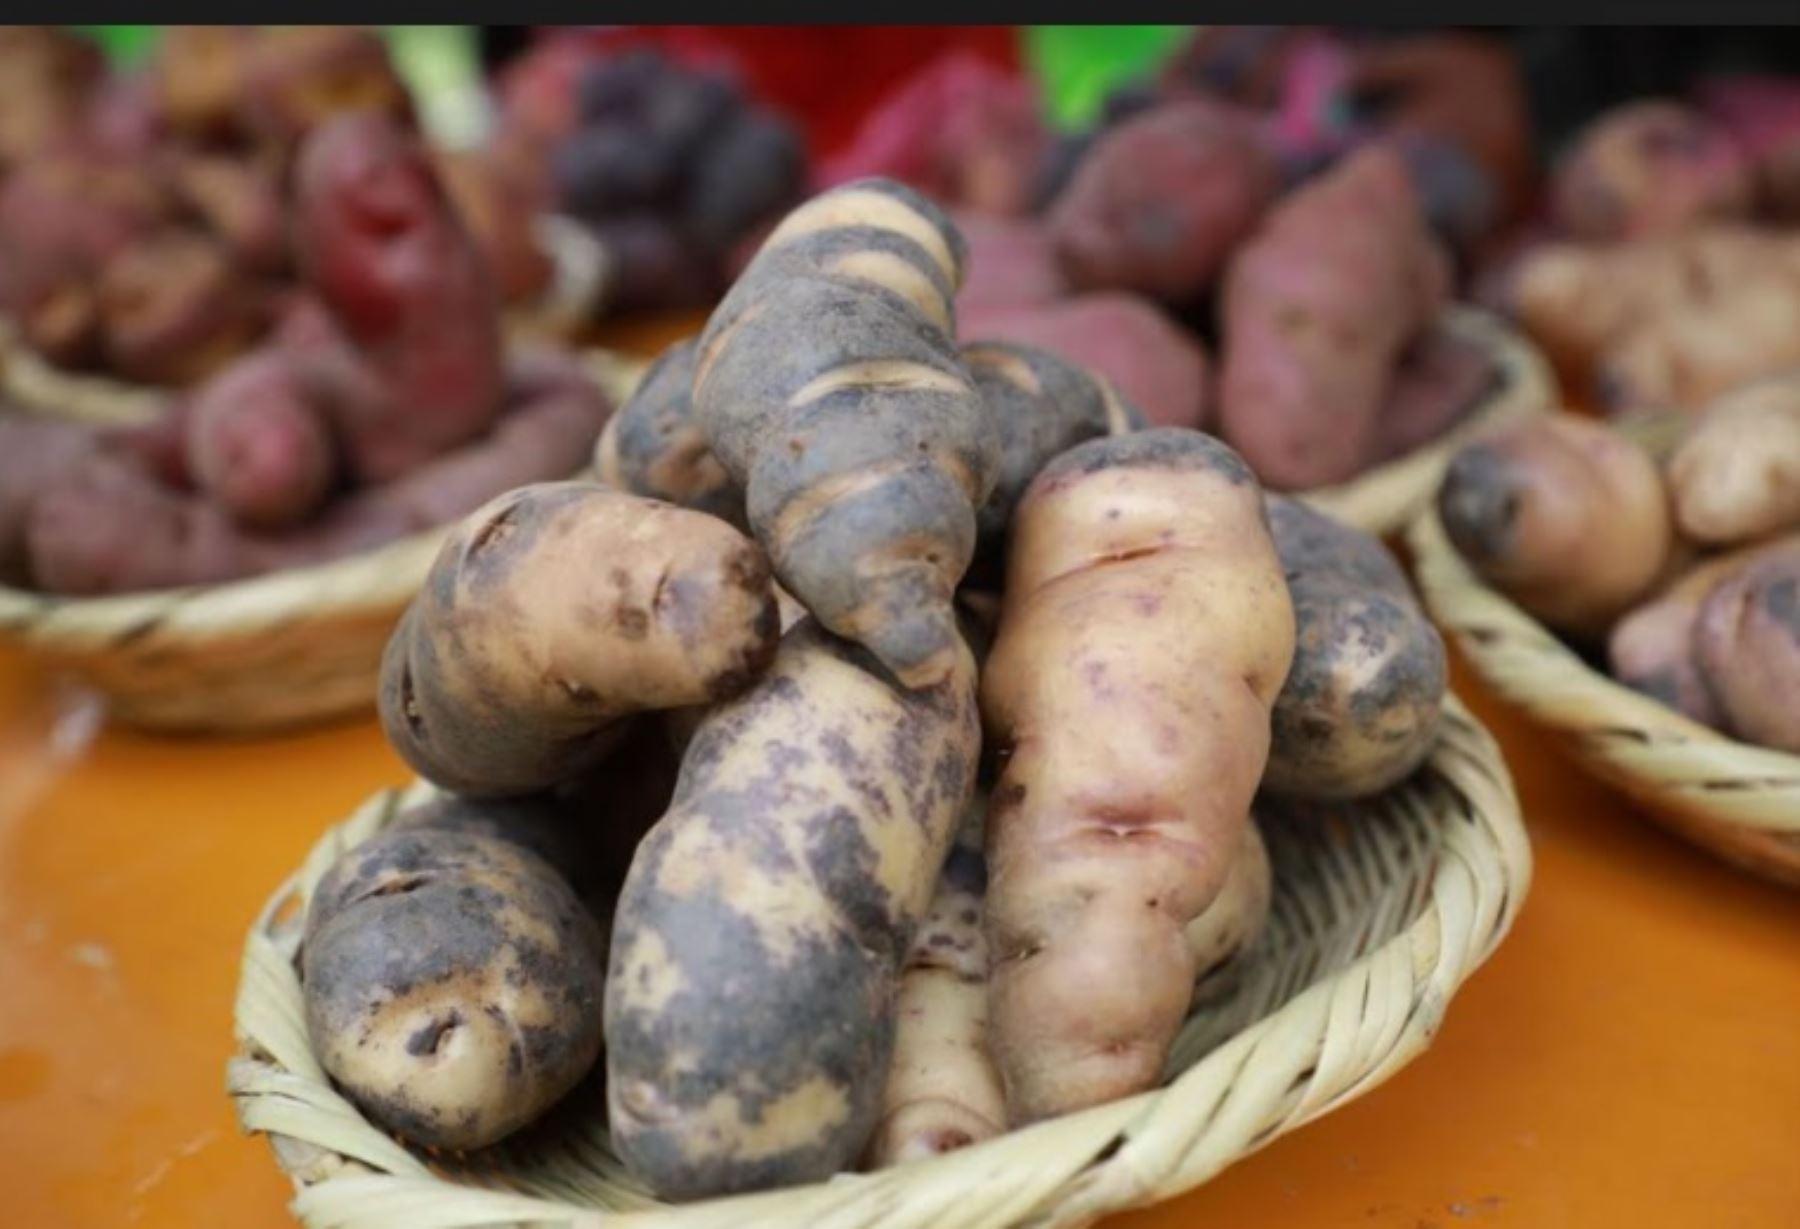 Productores de Tarma, región Junín, conservan la alta calidad genética de papa nativa con apoyo del INIA.